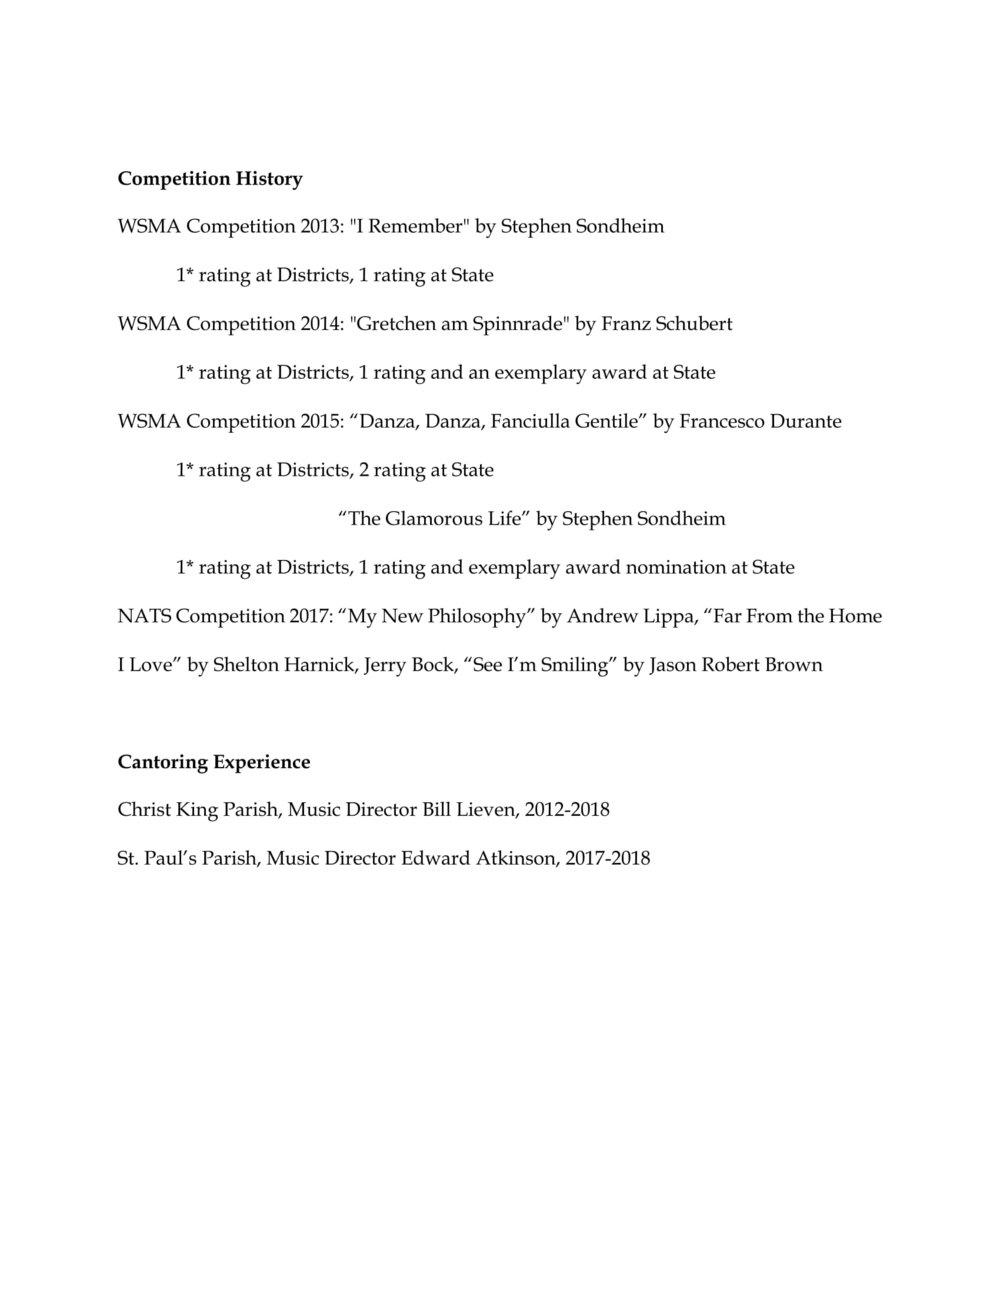 resume Resume Rating resume emma nelson vocalist music 3 jpg